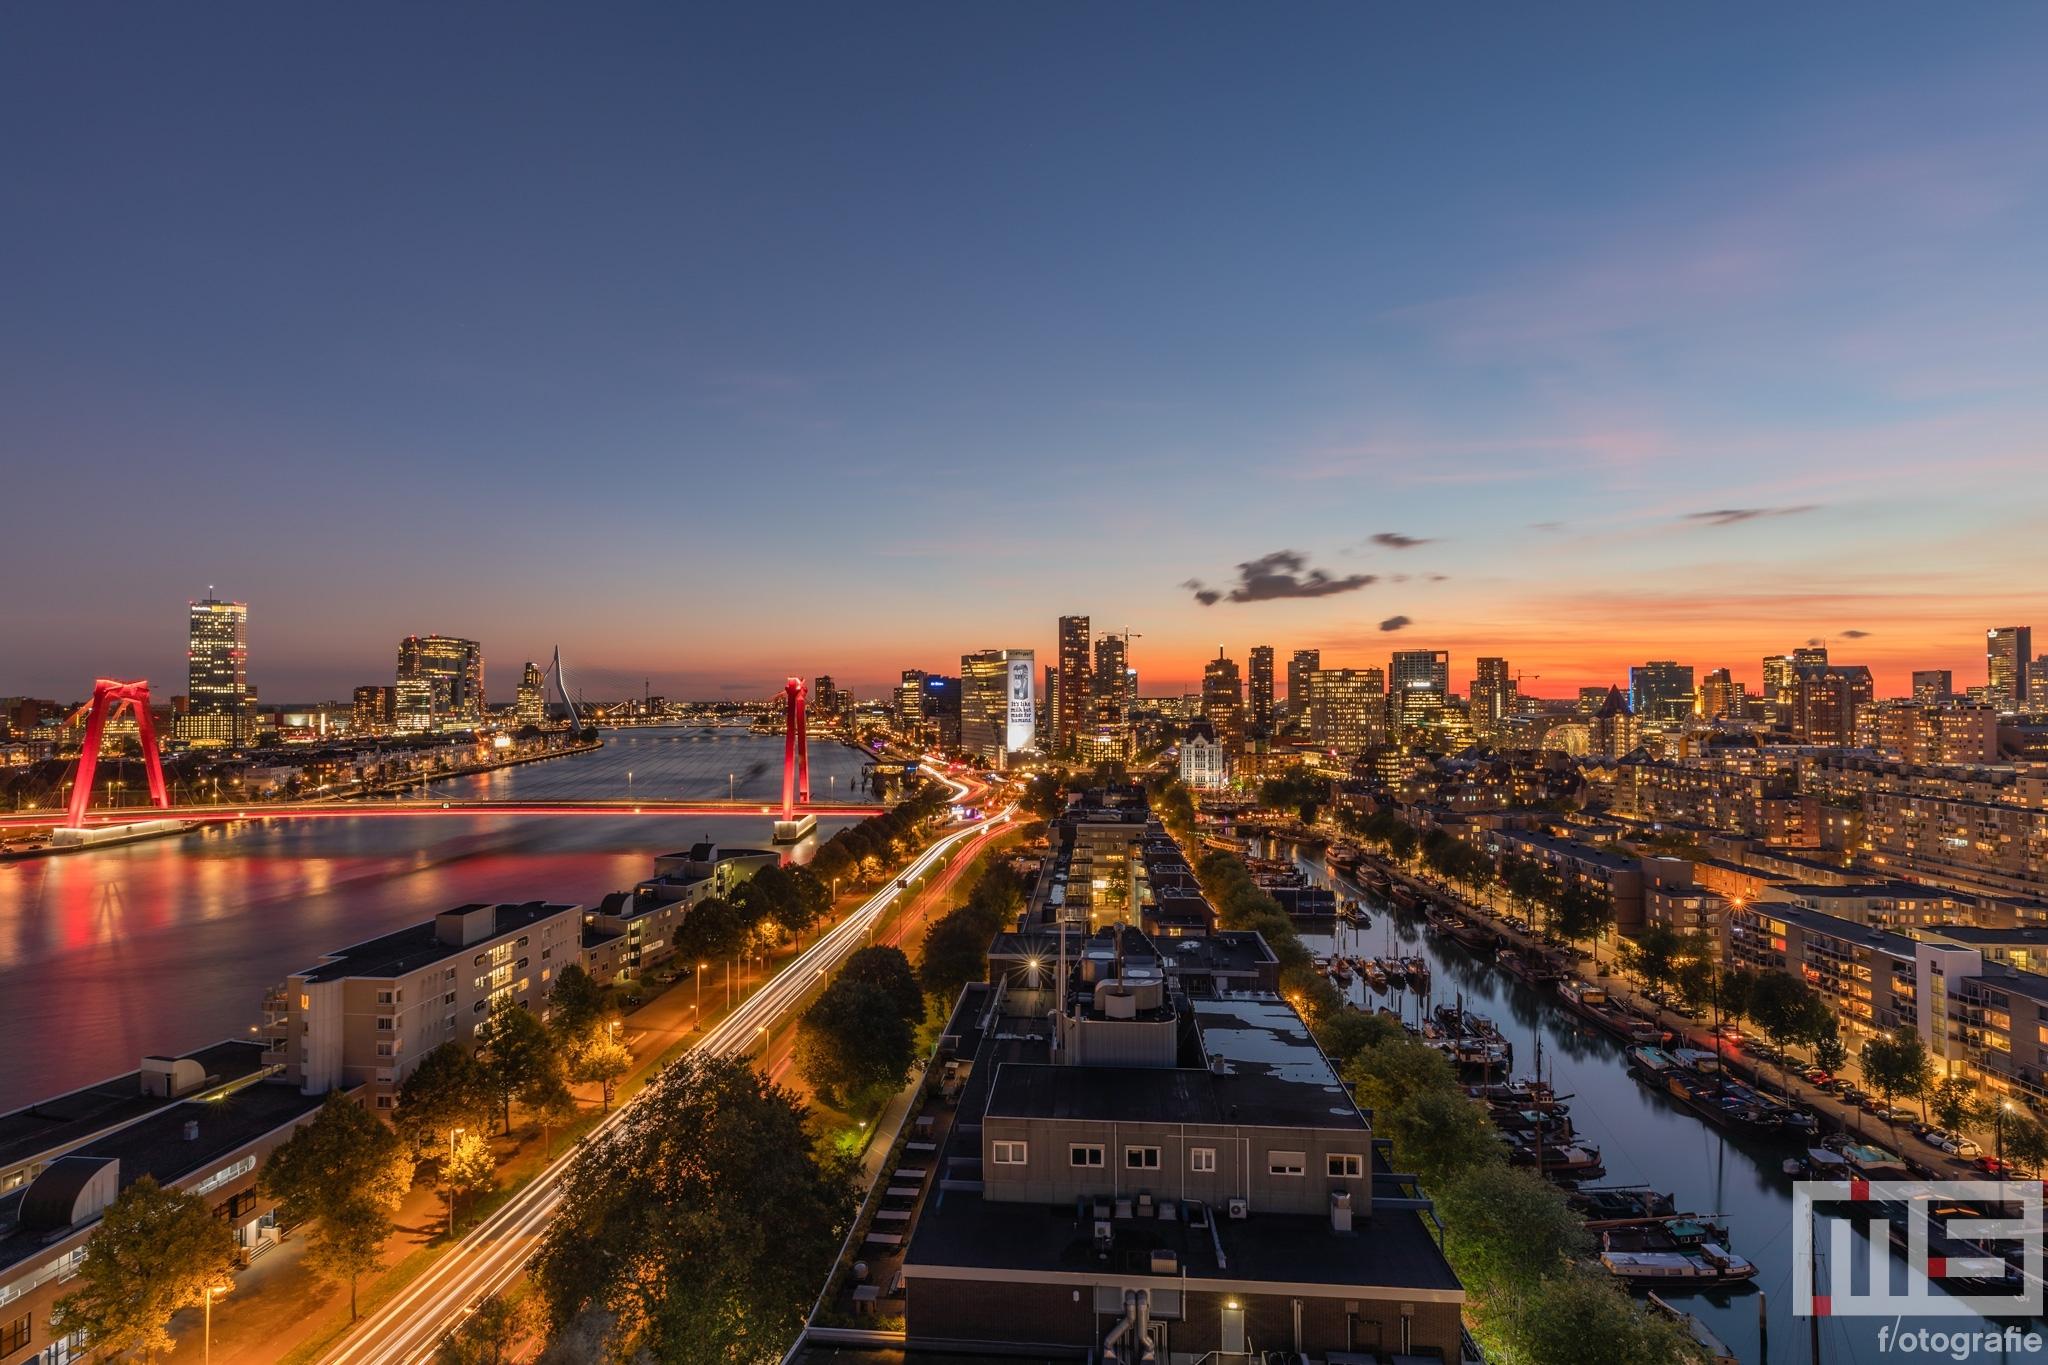 De zonsondergang in Rotterdam met uitzicht op de binnenstad